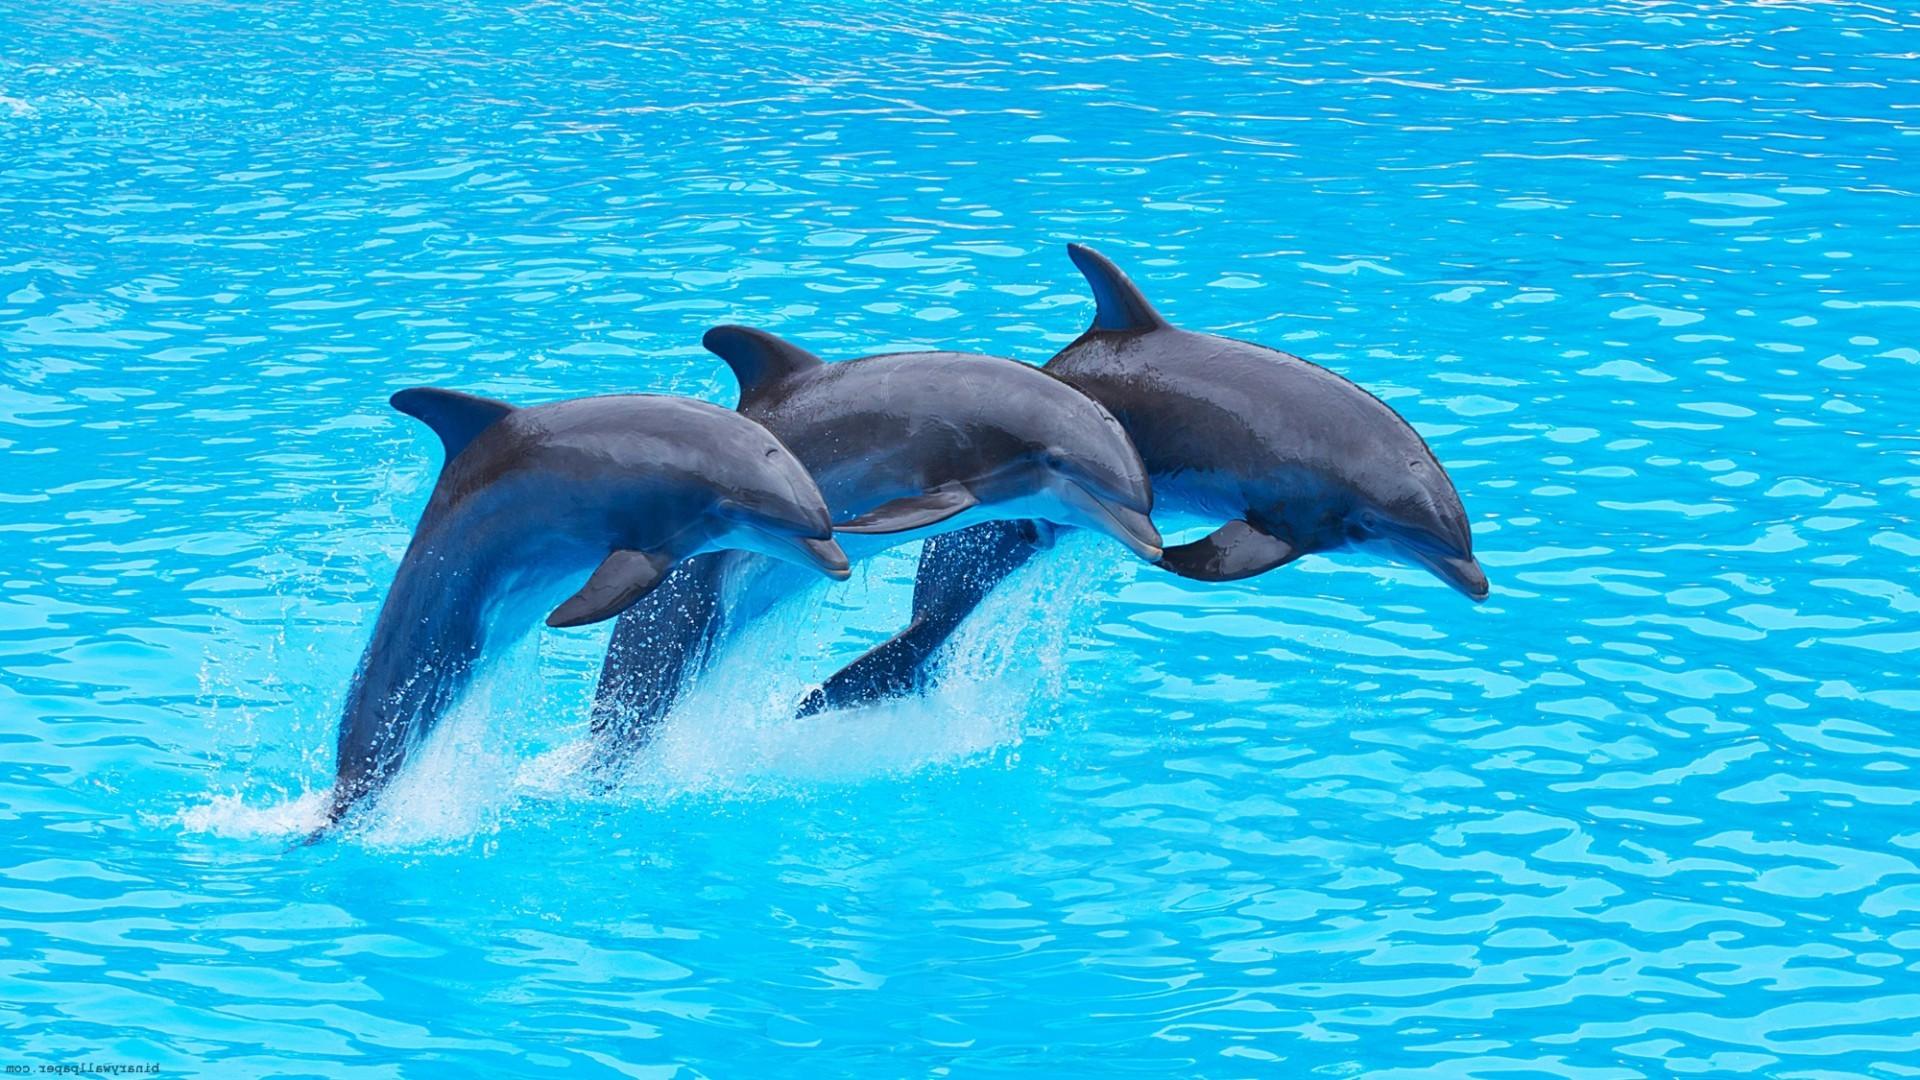 того, обои на рабочий стол океан дельфины далеко последняя необычность